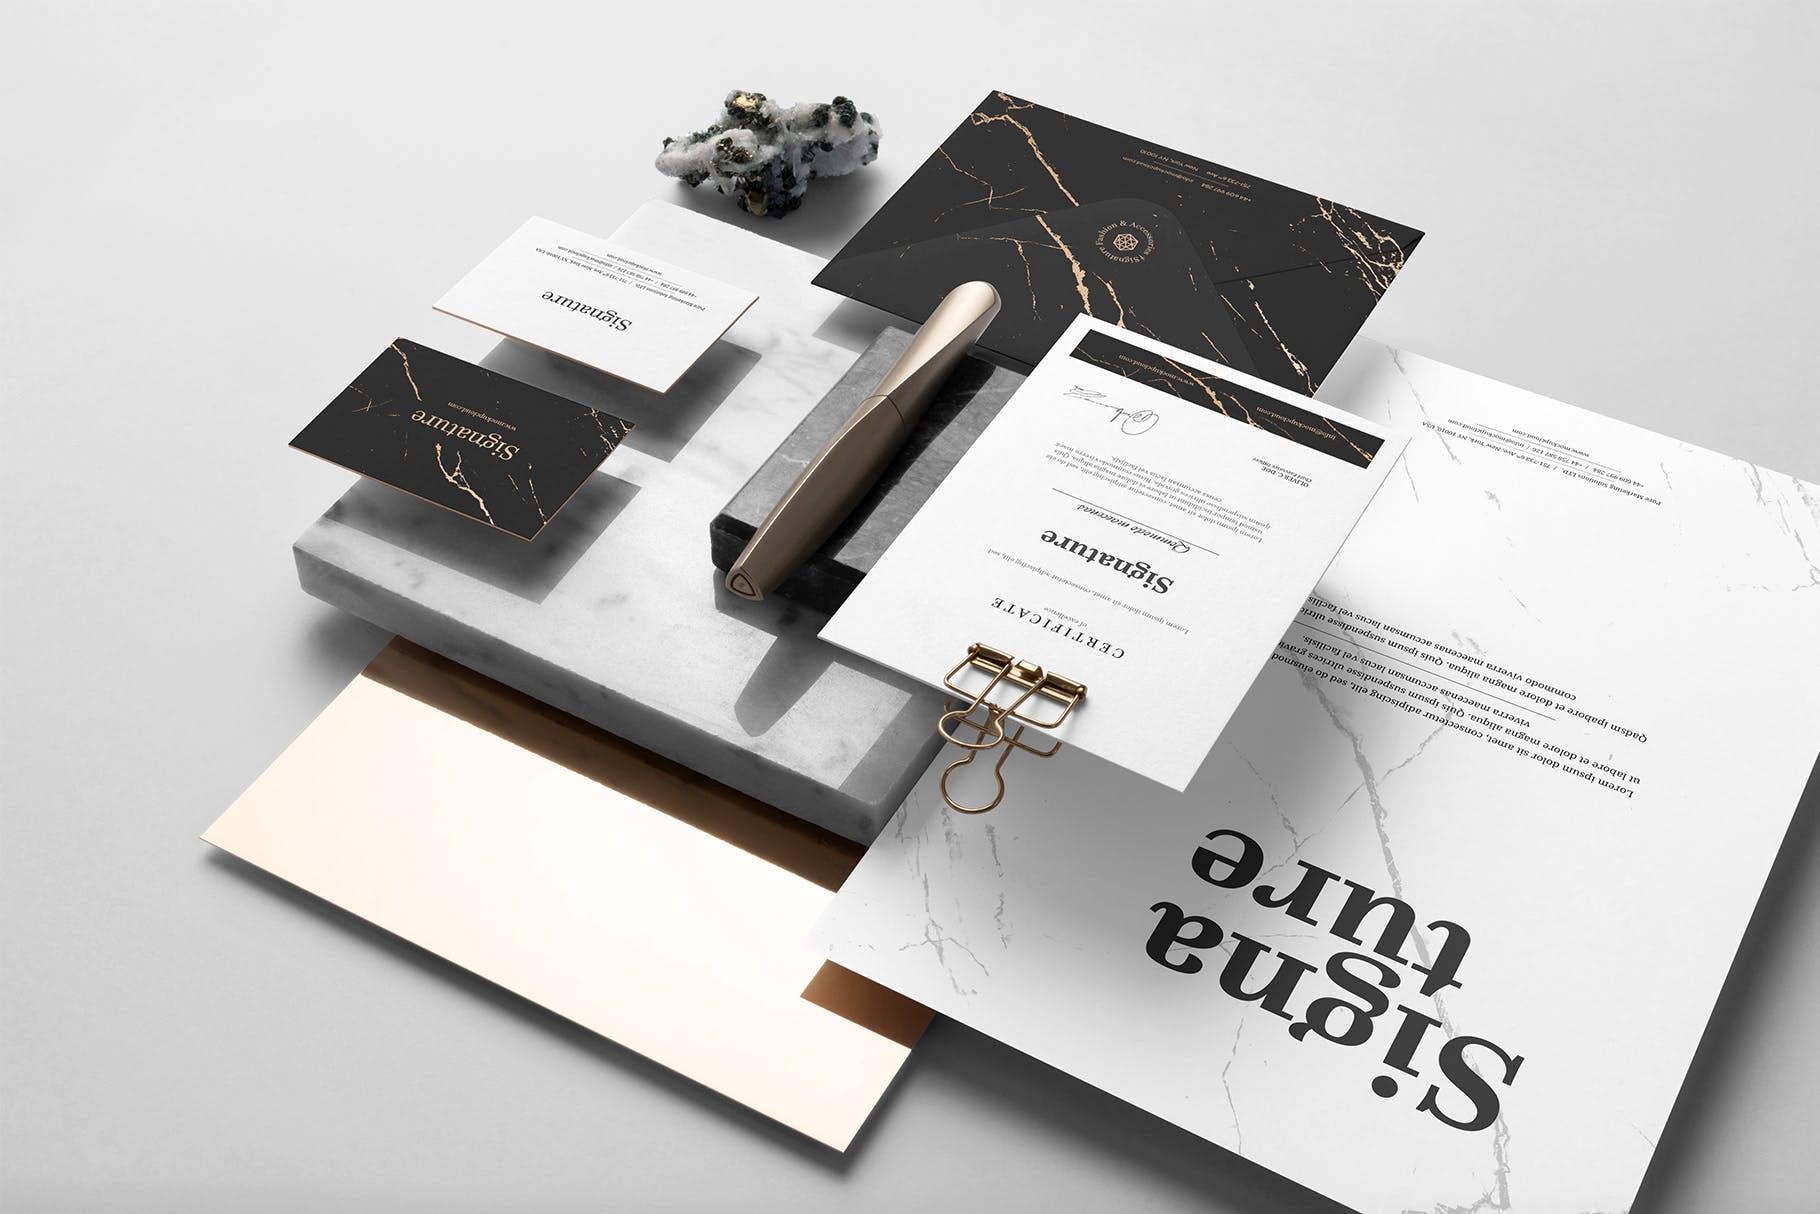 精致高端品牌设计展示文具文件样机signature-branding-mockup-vol-1-3WZRH8-2019-03-13